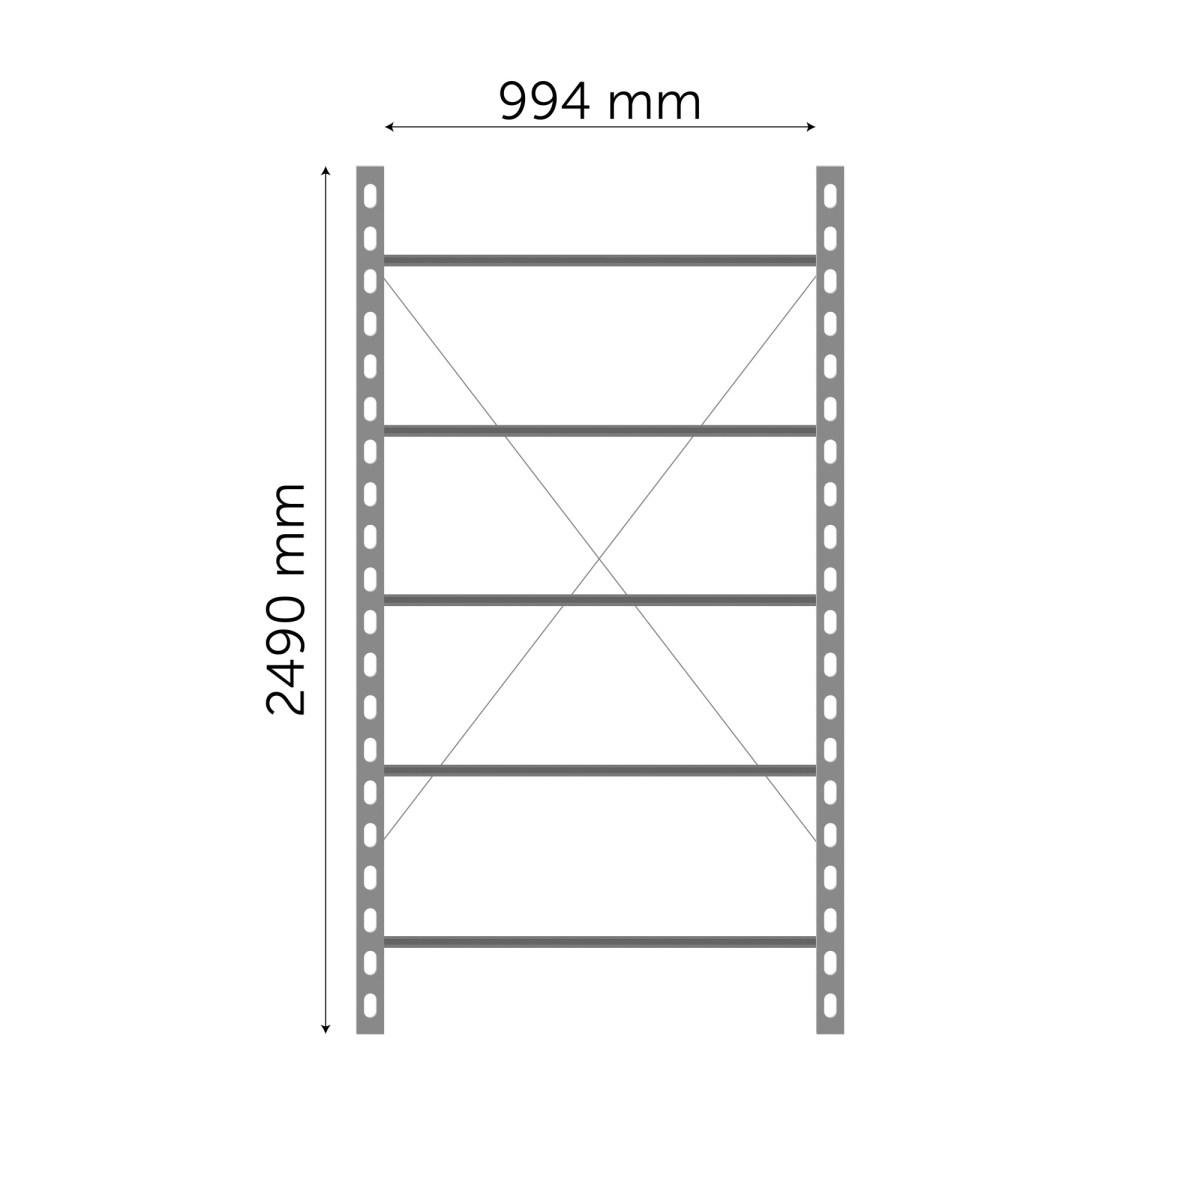 Moodulriiuli põhiosa 2490x994mm